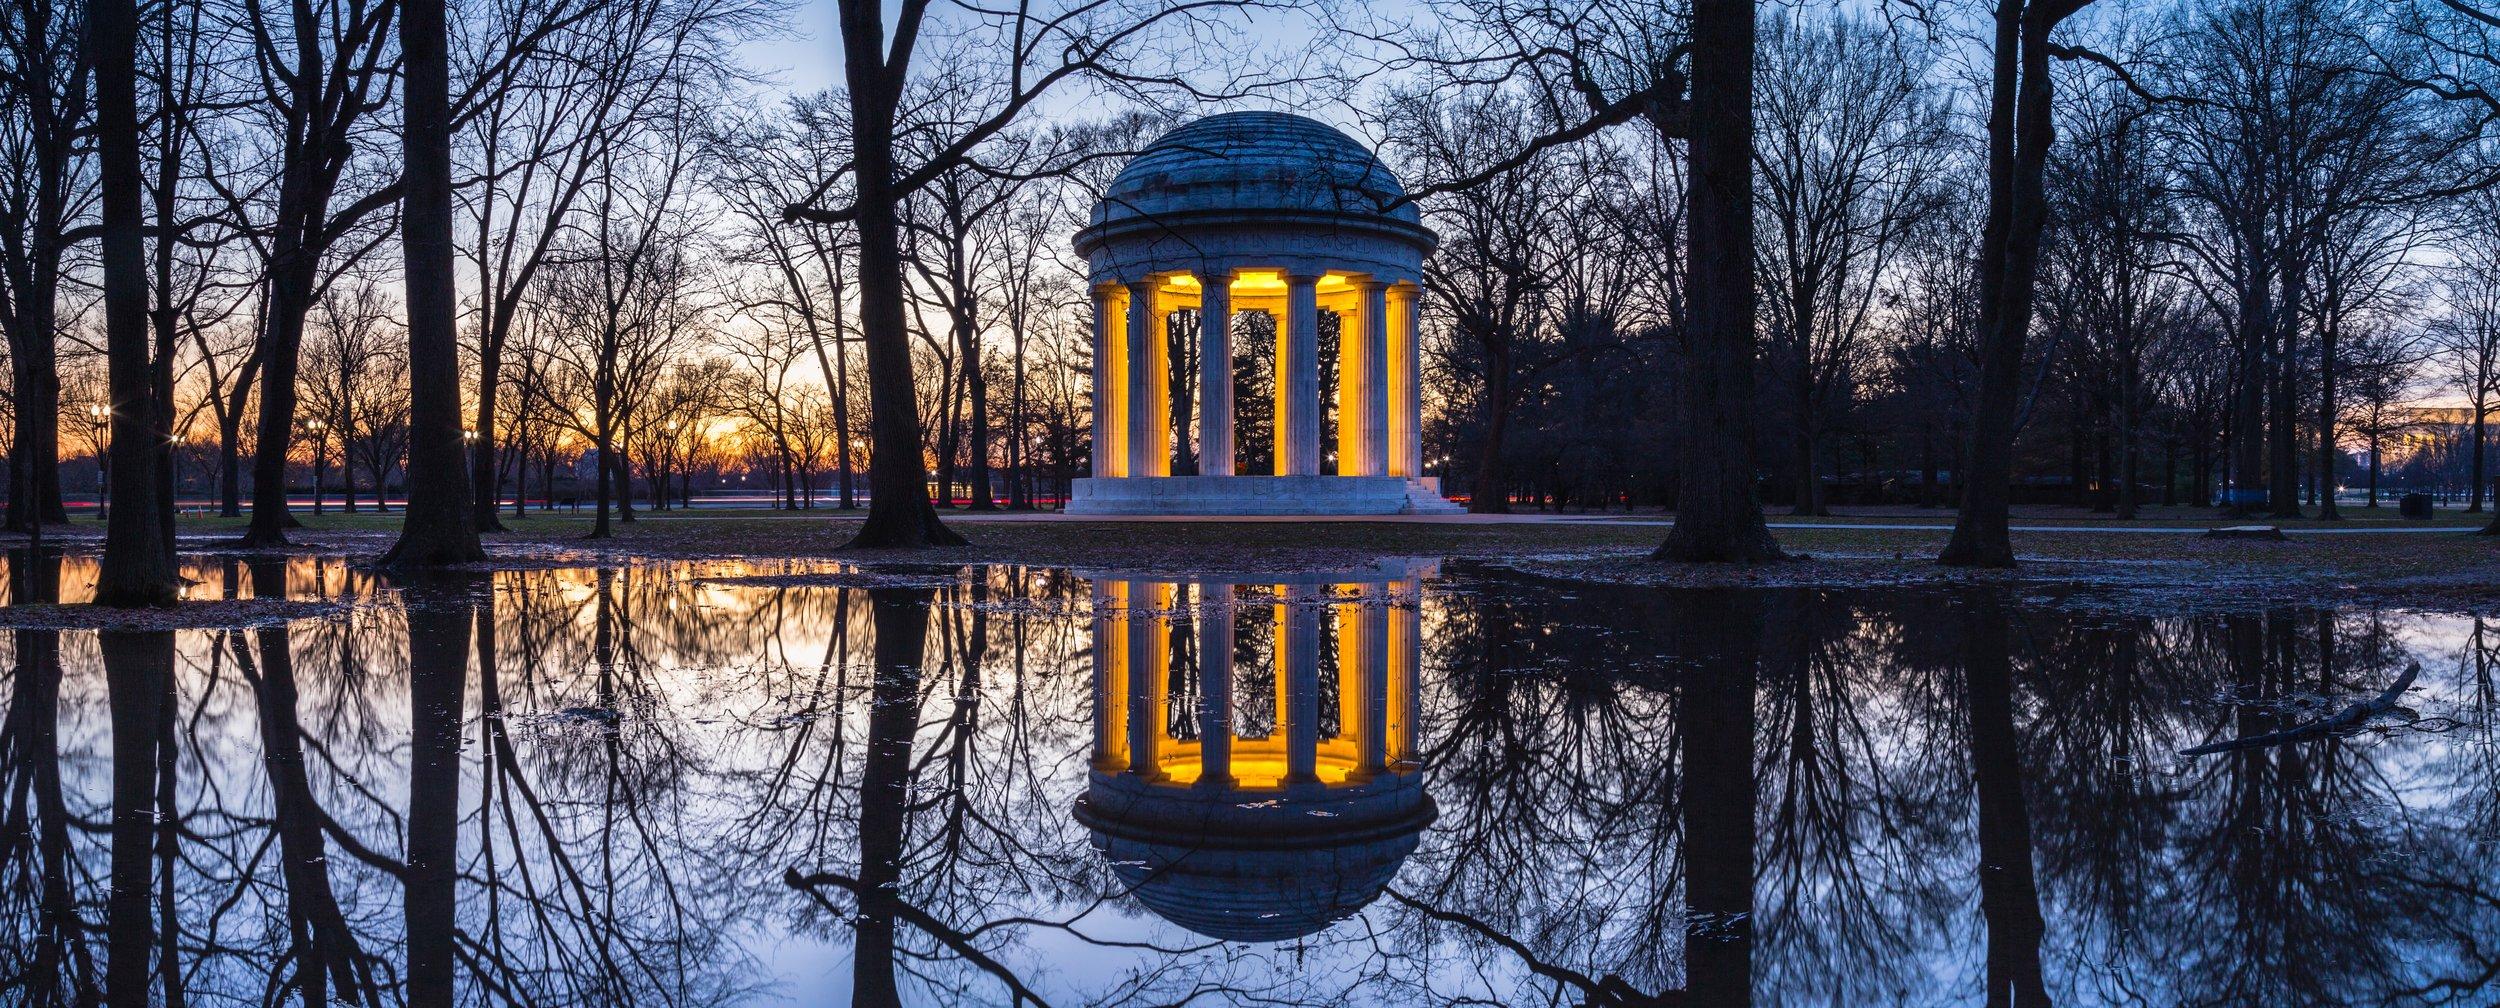 Yearend Reflections. Washington, D.C. (Dec. 2018)